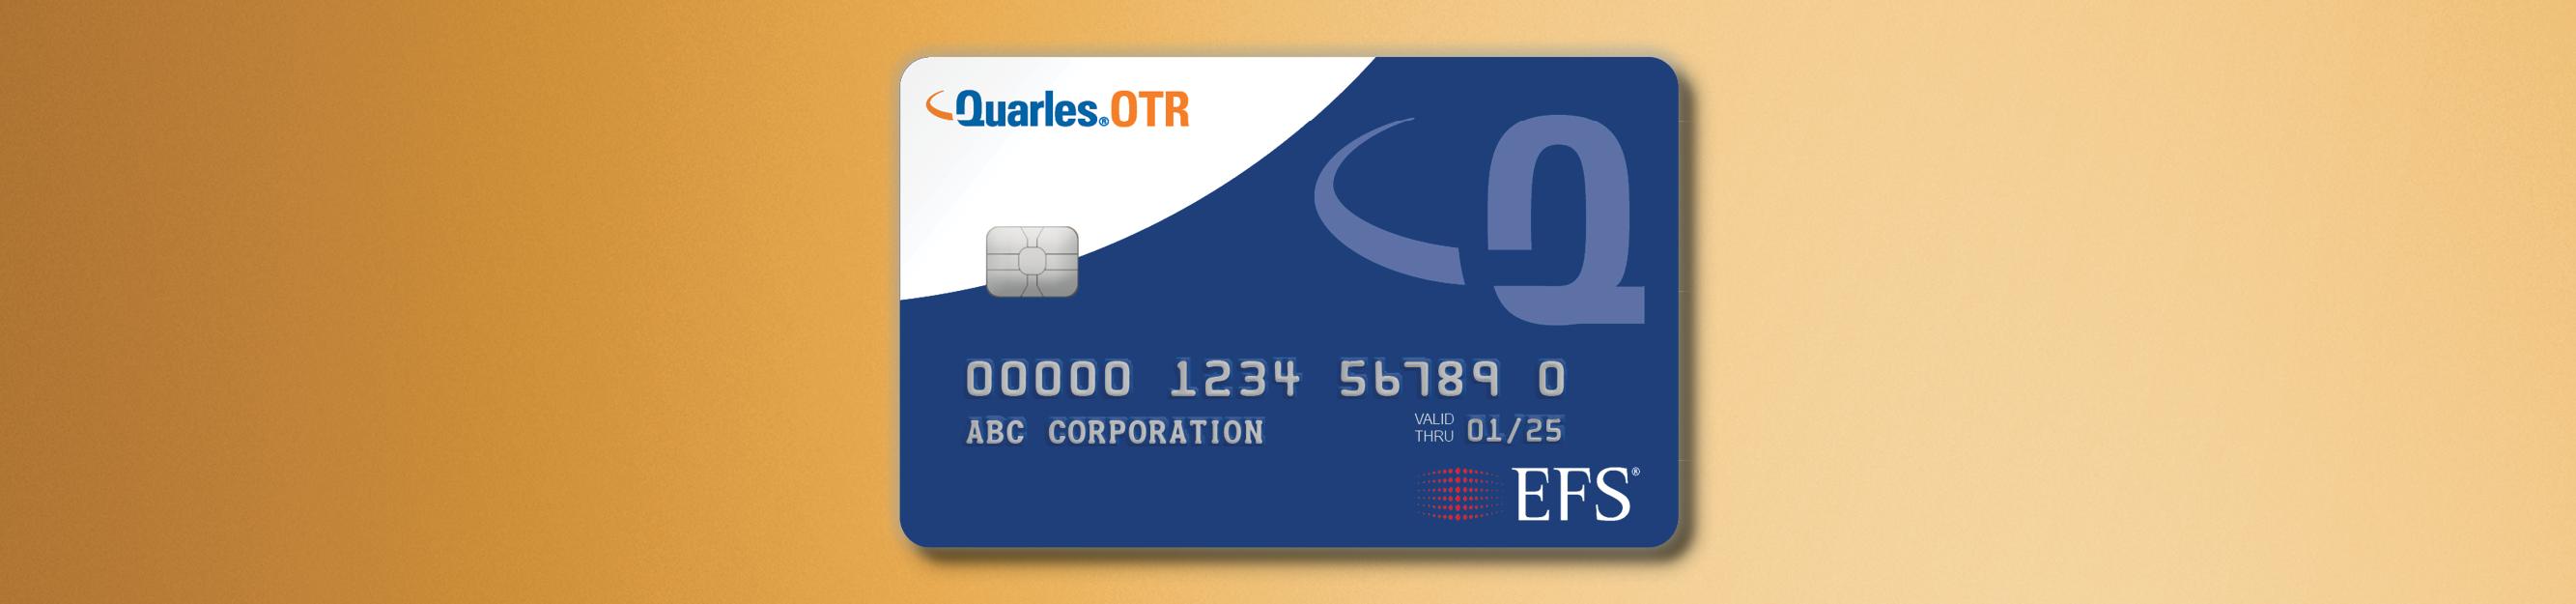 OTR Card